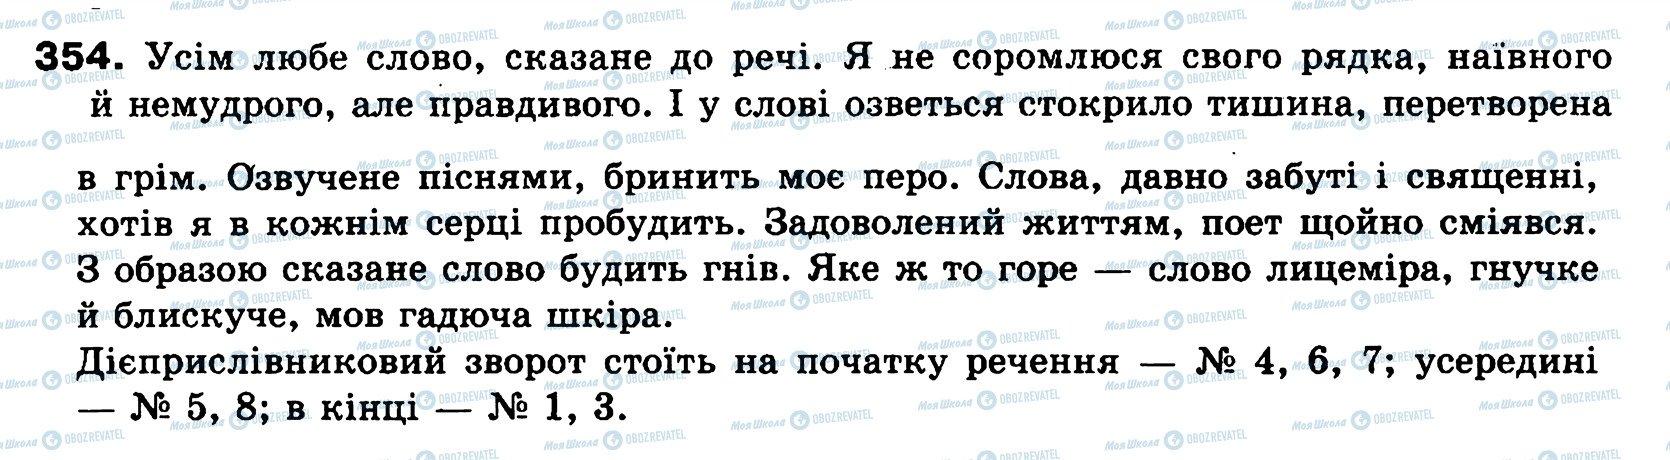 ГДЗ Українська мова 8 клас сторінка 354